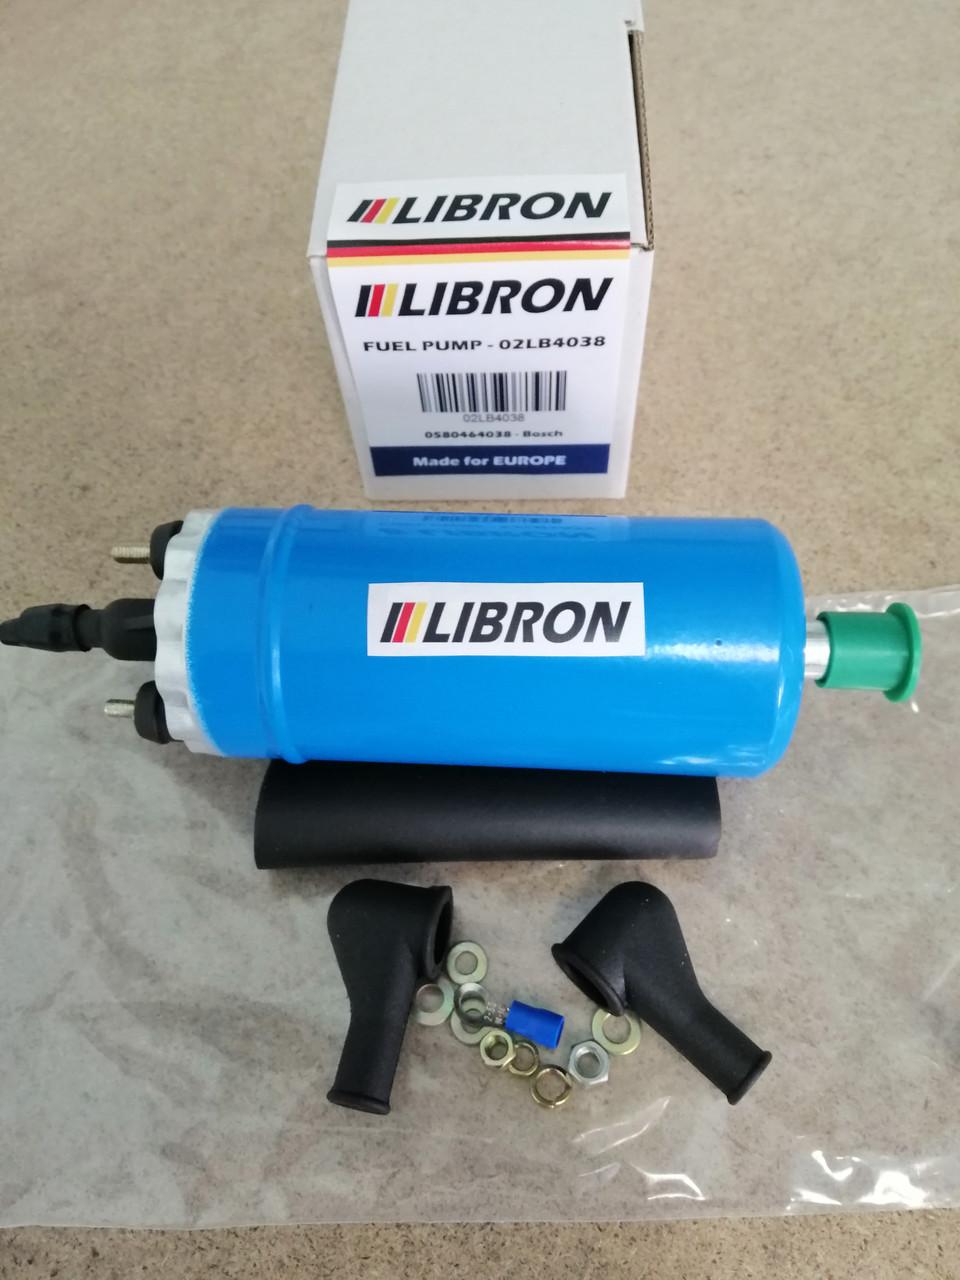 Бензонасос LIBRON 02LB4038 - OPEL VECTRA A (86_, 87_) 2000/GT 16V 4x4 KAT (1990-1995)